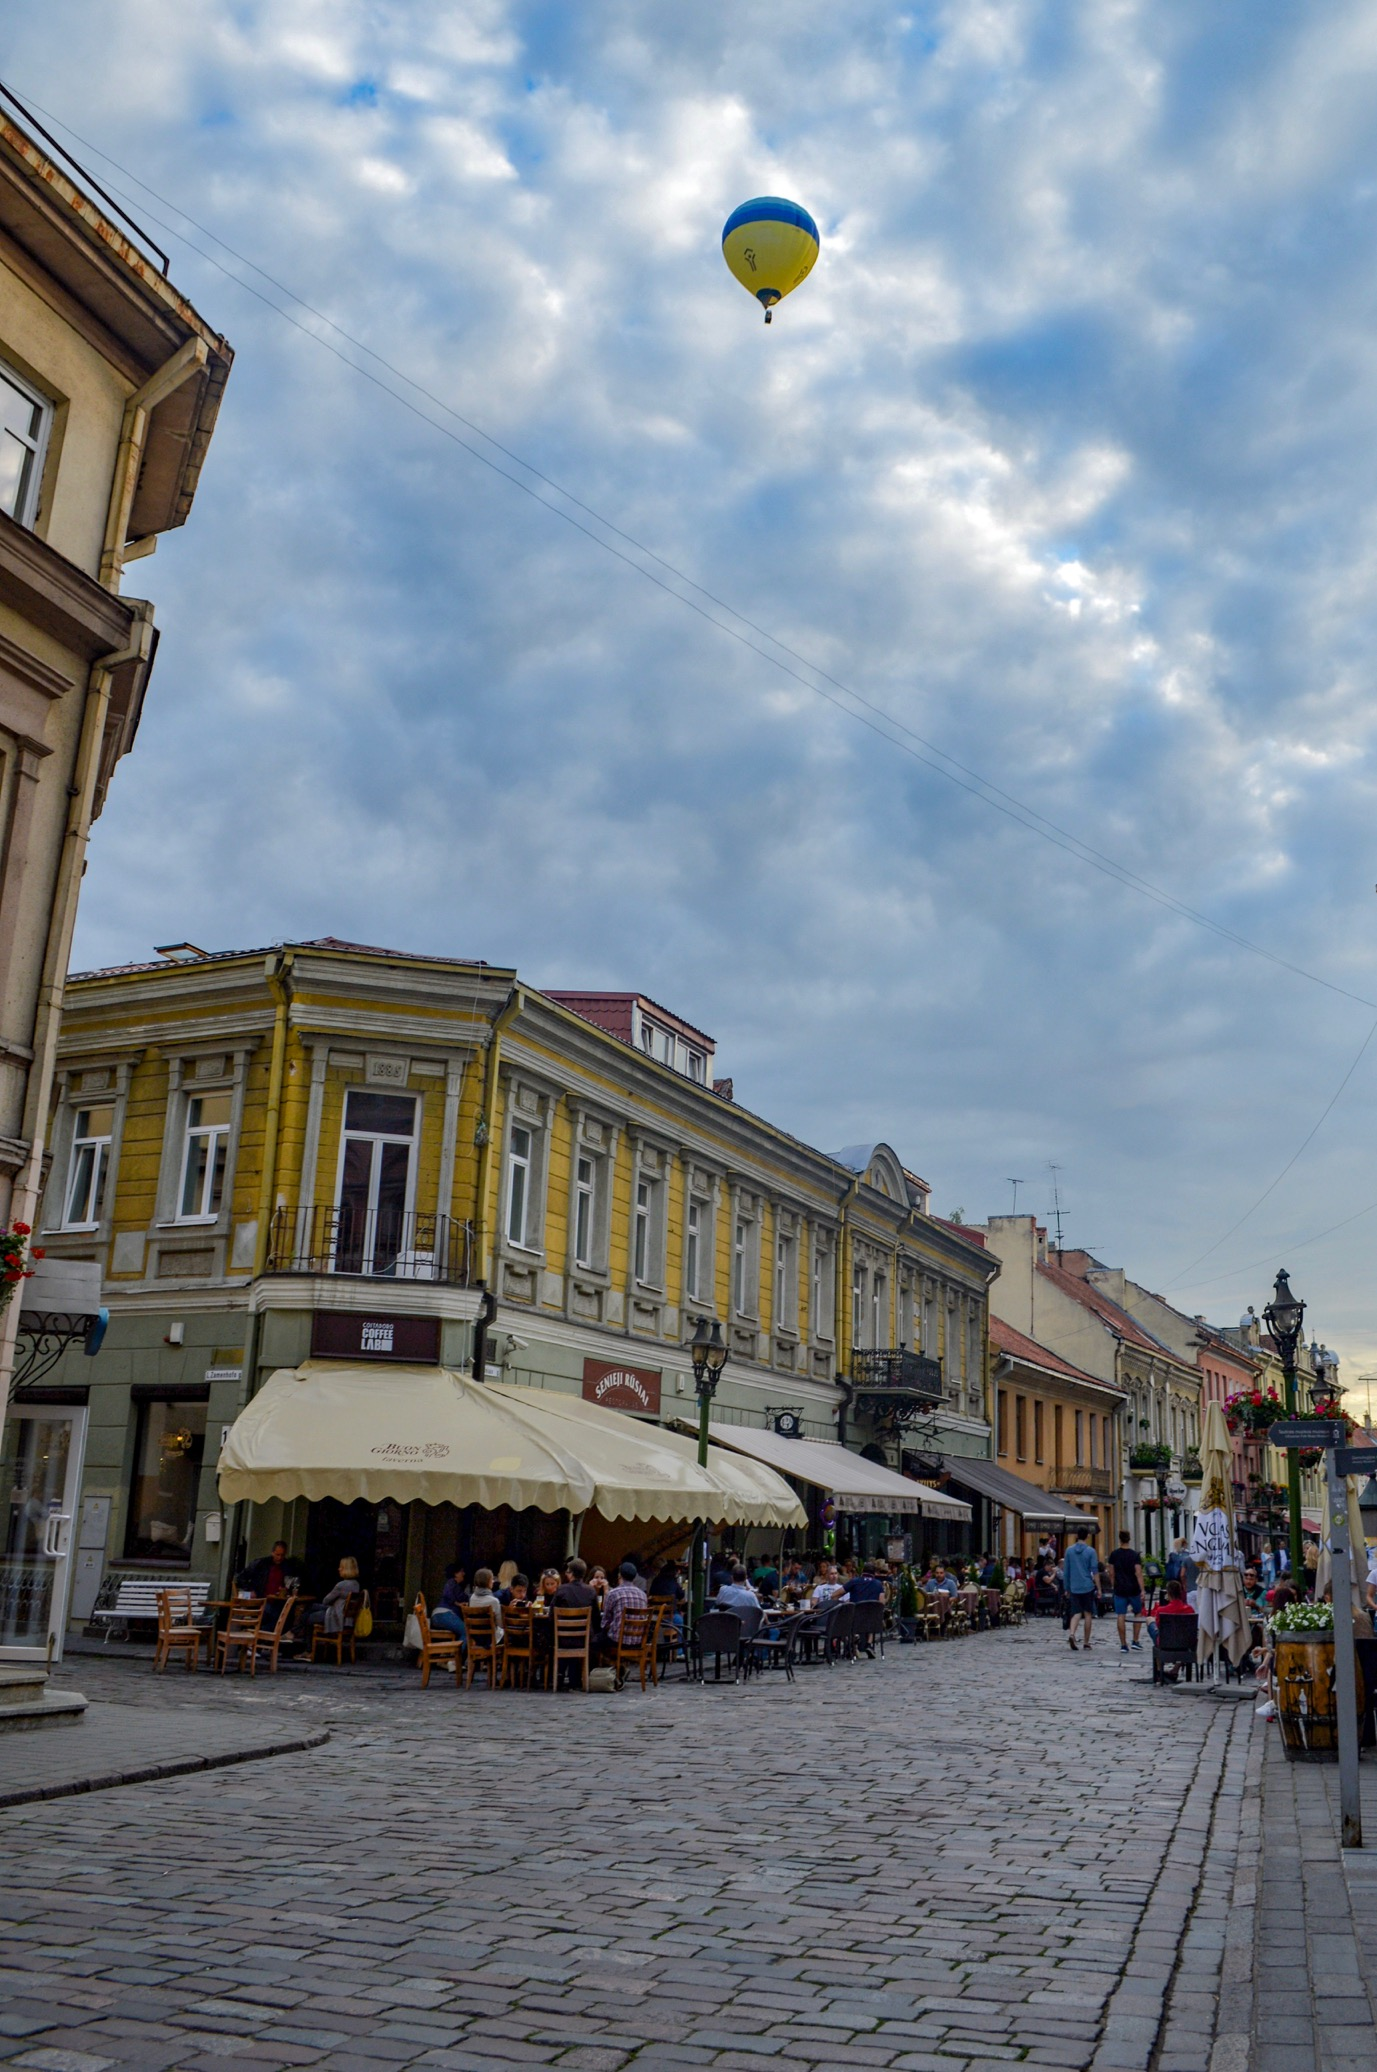 Hot air balloon, Kaunas Old Town, Lithuania